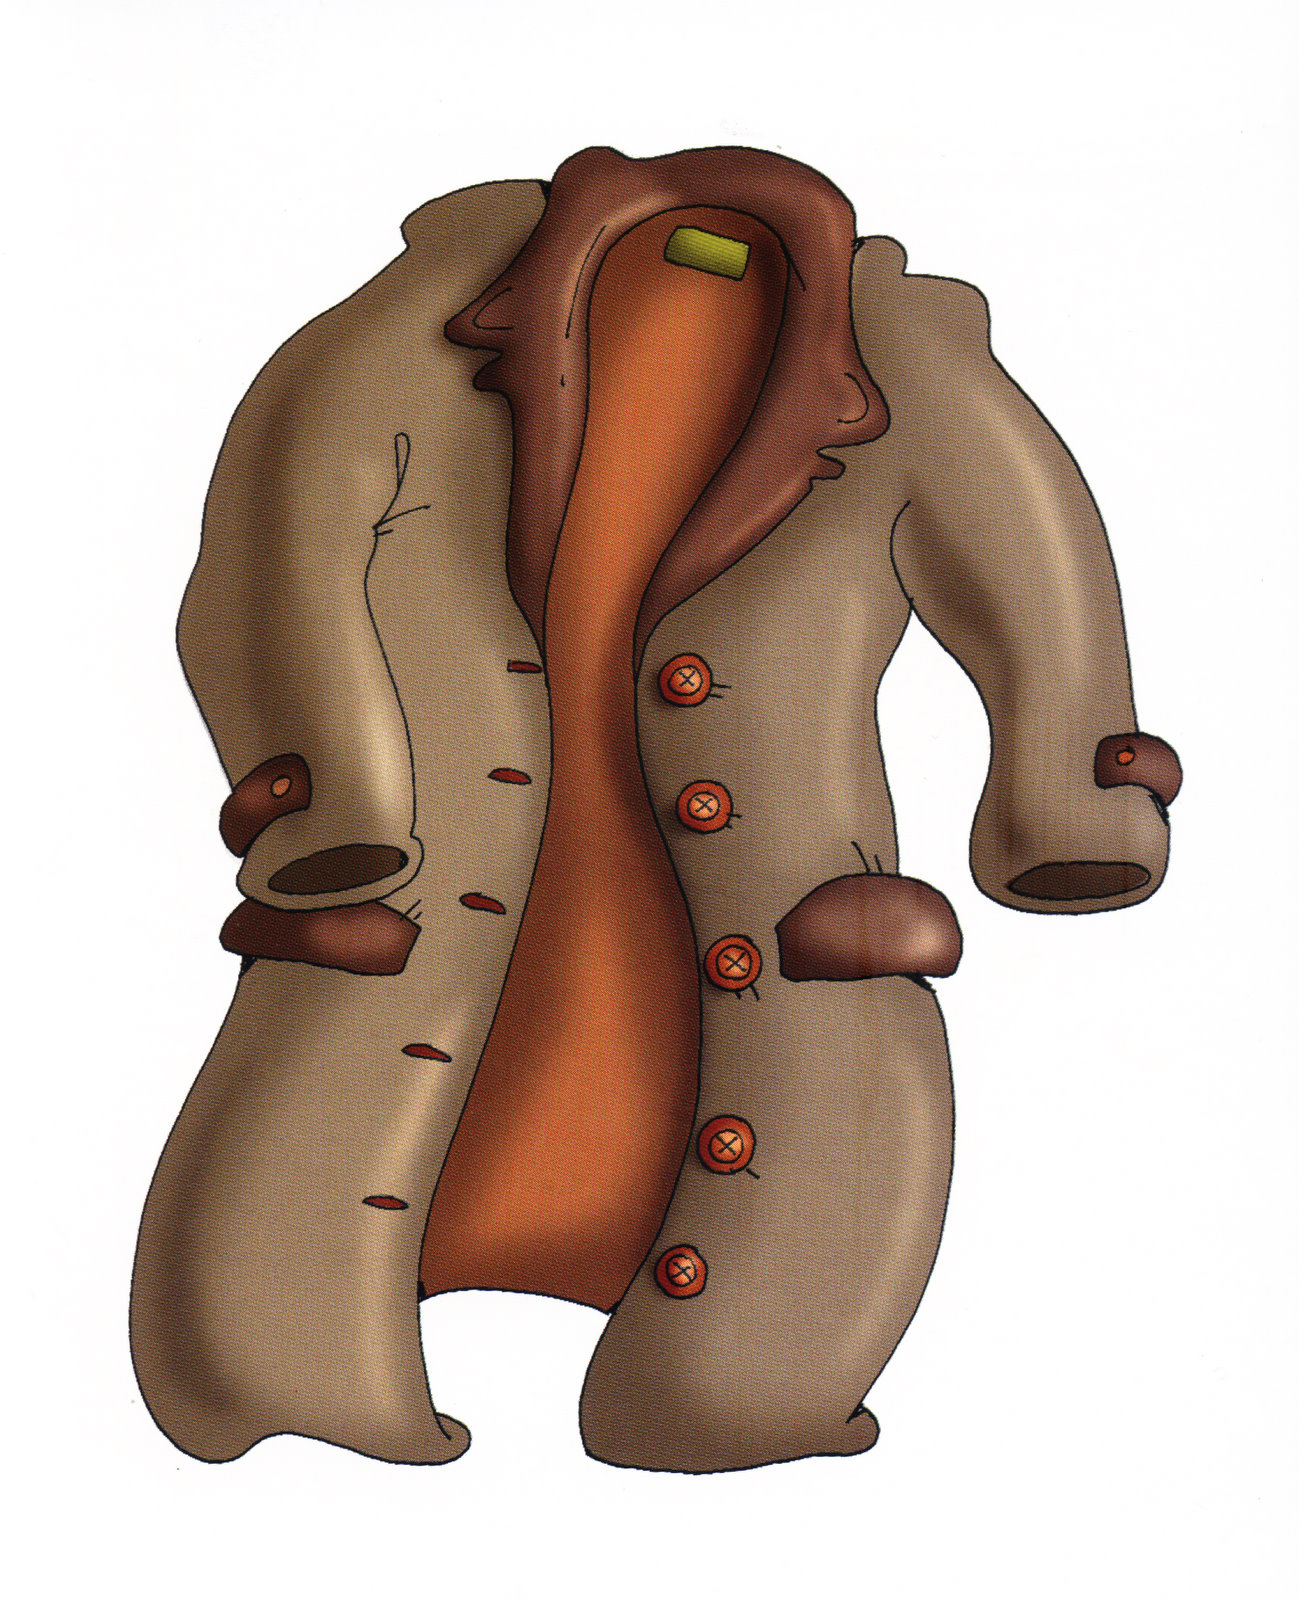 ... : http://www.escuelaenlanube.com/bits-de-prendas-de-vestir/abrigo